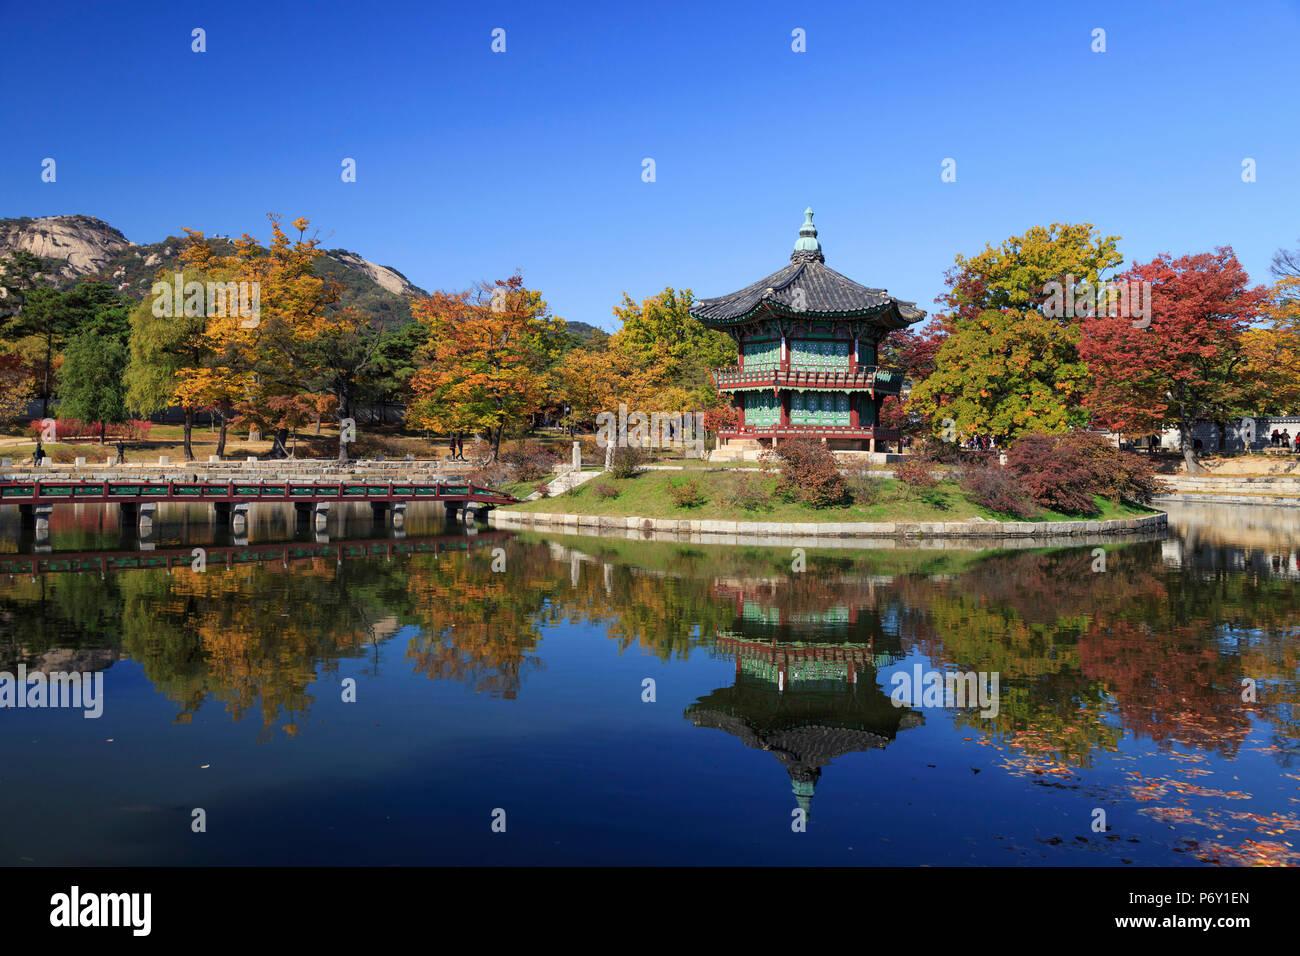 Corea del Sur, Seúl, Palacio Gyeonbokgung Imagen De Stock